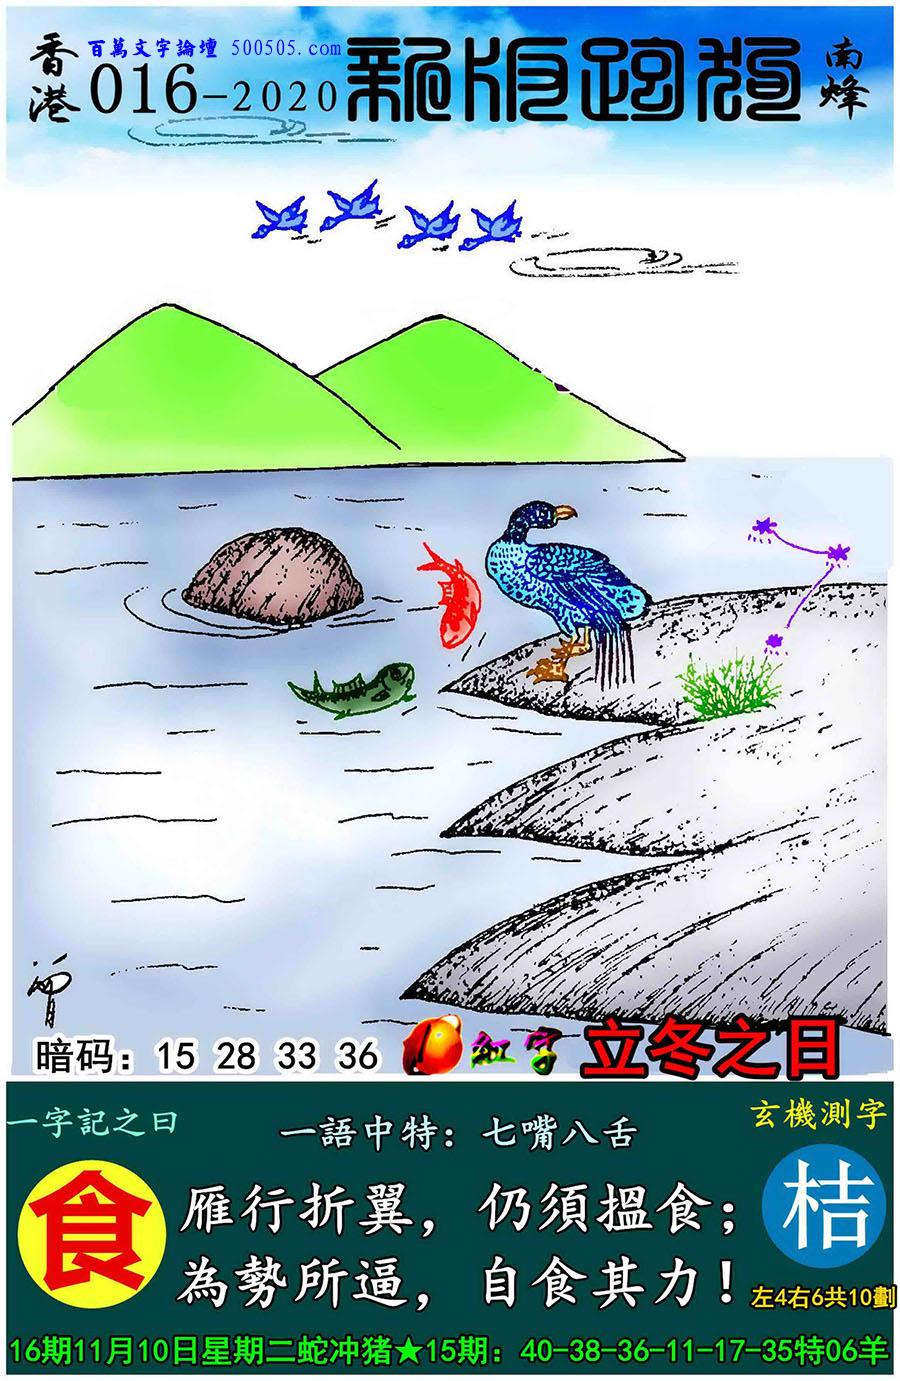 016期跑狗一字�之曰:【食】 雁行折翼,仍���食; ��菟�逼,自食其力!